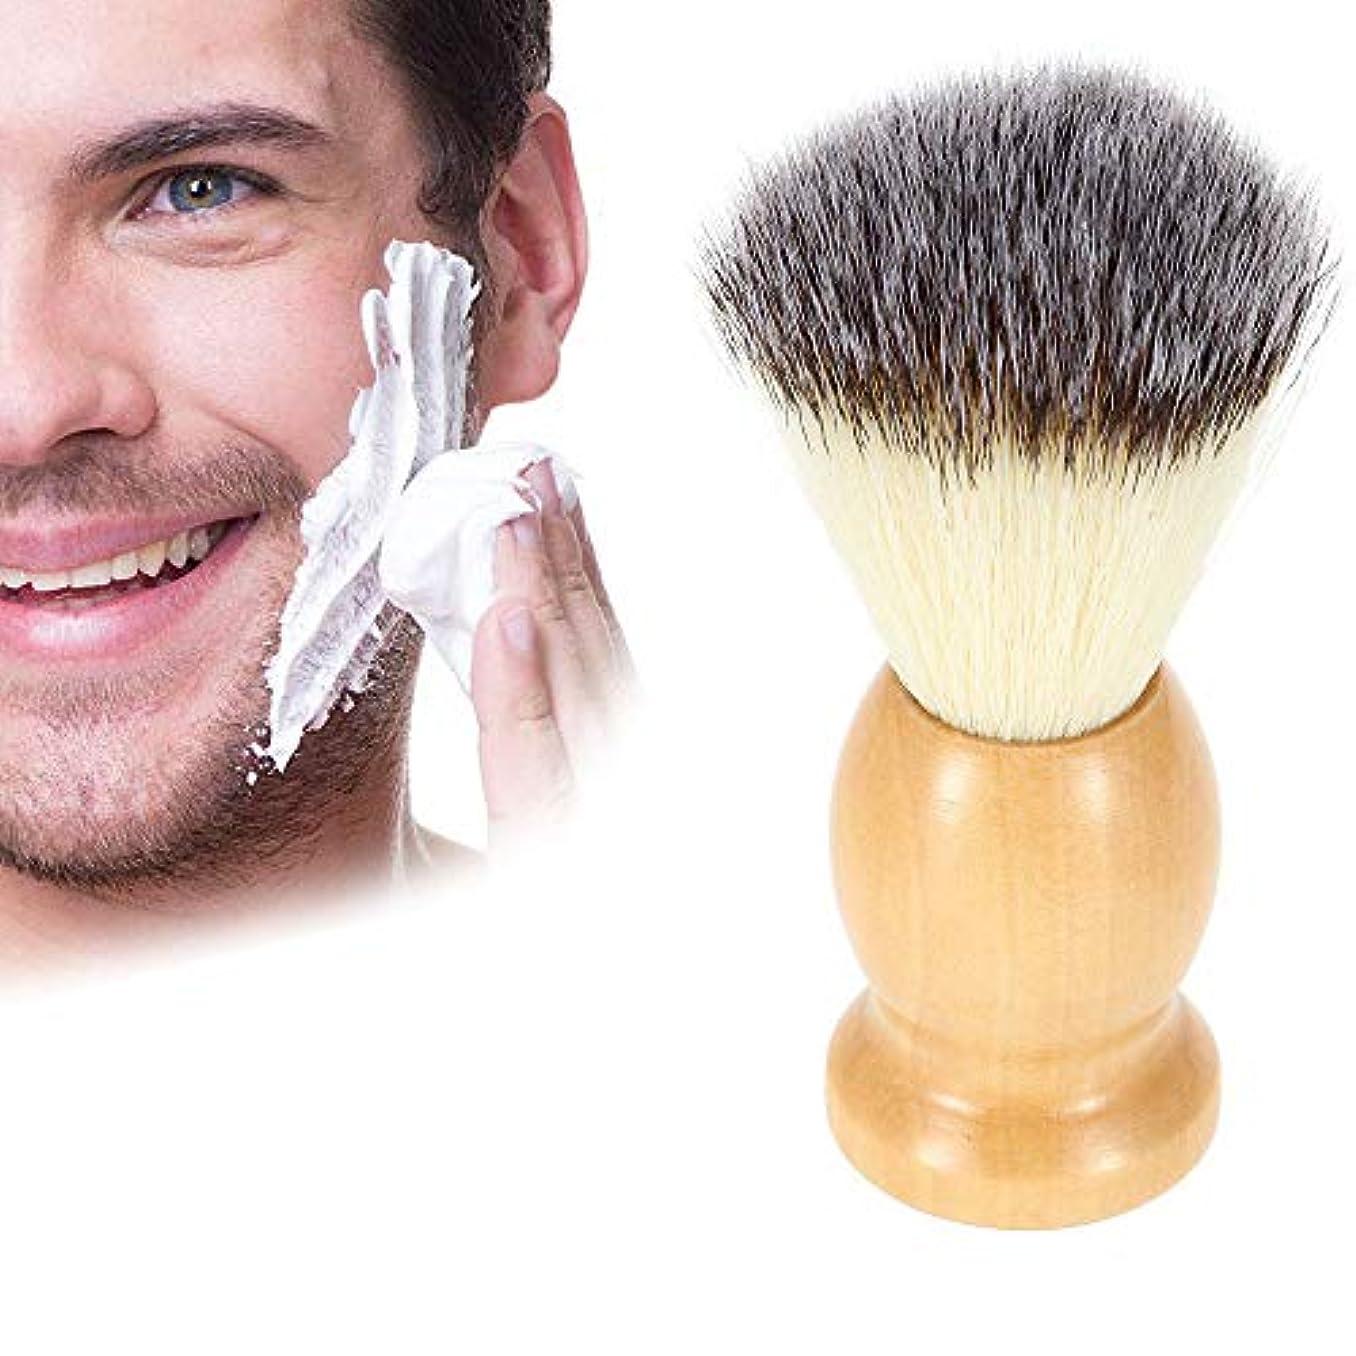 イサカ動脈テロButokal ナイロンひげブラシ メンズ用ブラシ 木製ハンドルシェービングブラシ 泡立ち ひげブラシ 理容 洗顔 髭剃り ご主人 ボーイフレンド 友人 にプレゼント シェービング用アクセサリー